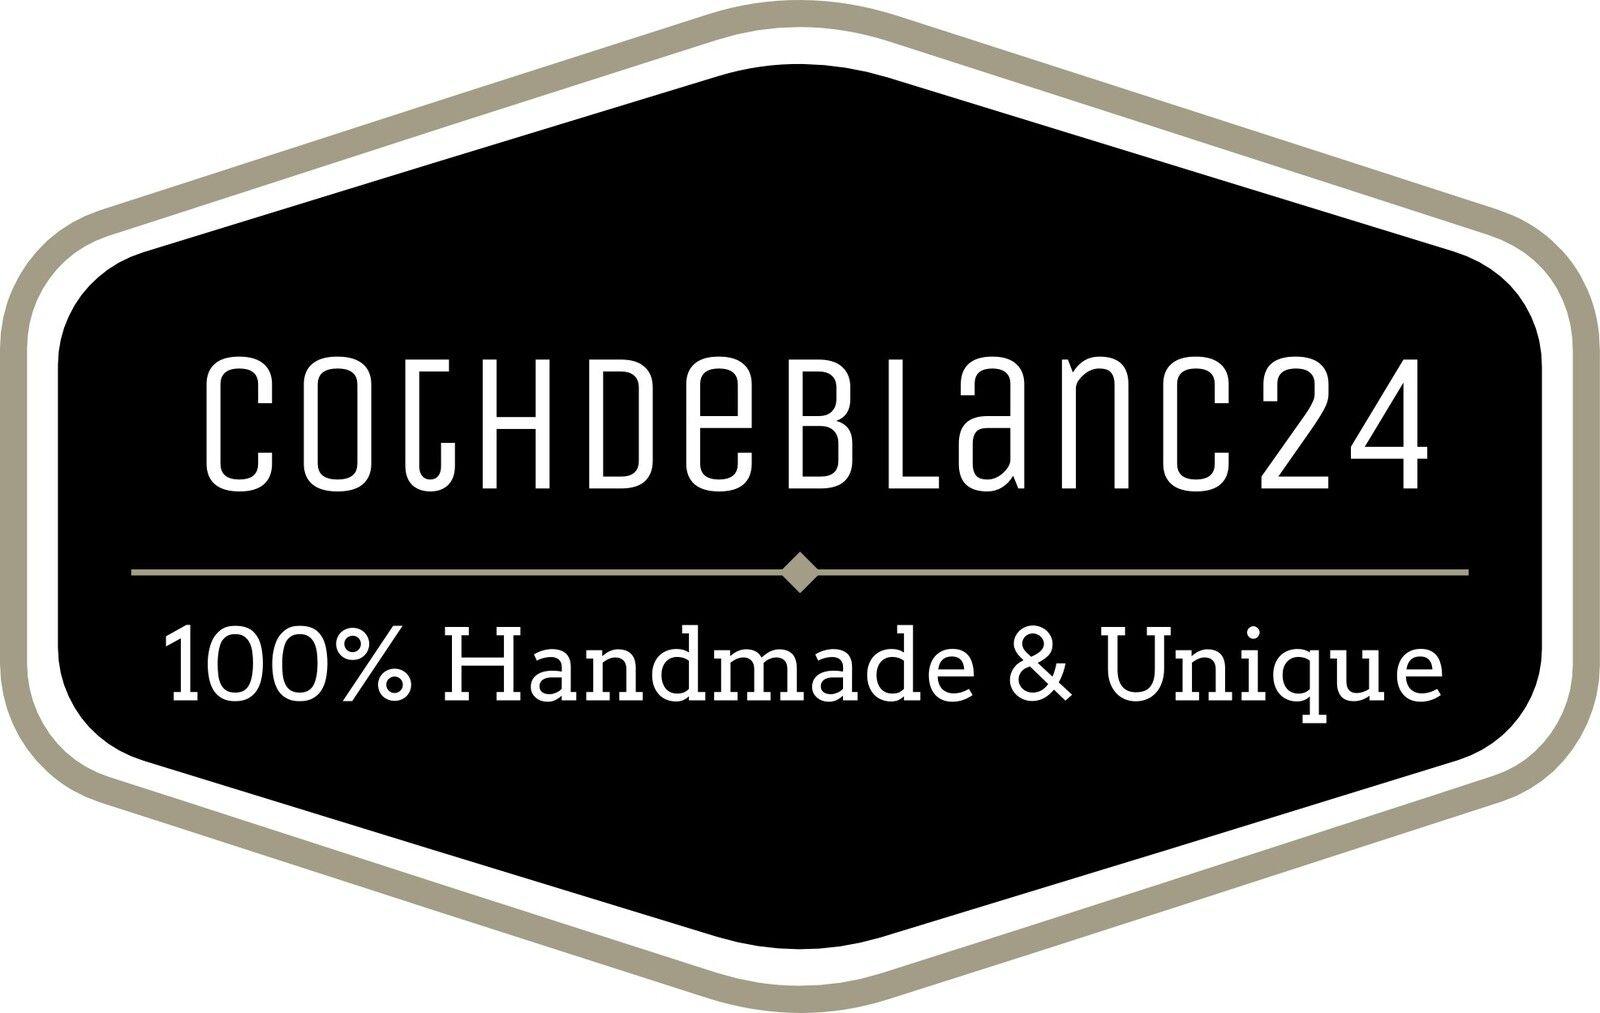 cothdeblanc24 Shop